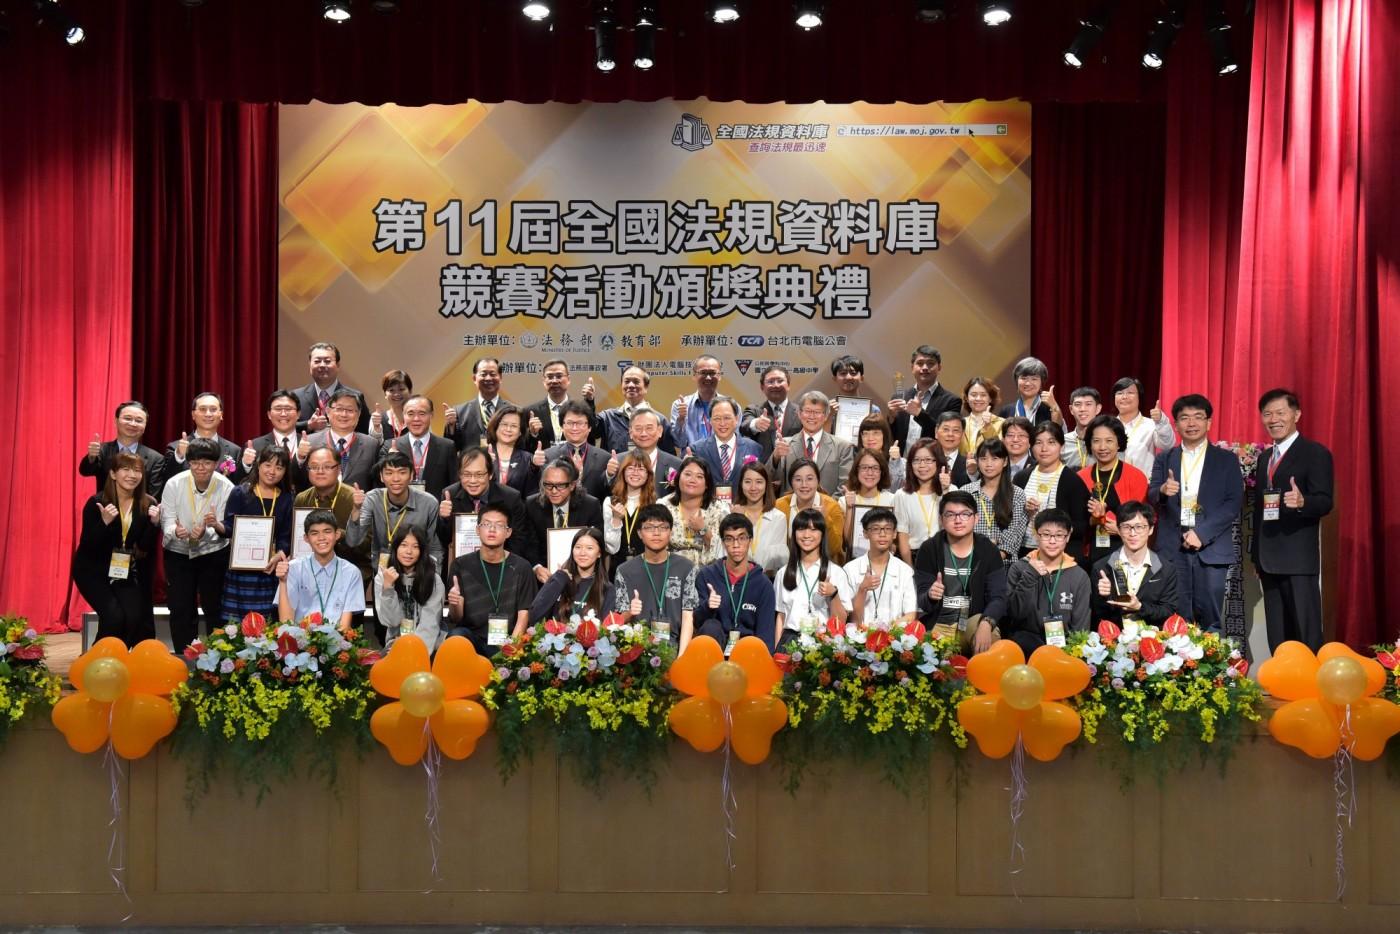 法務部與教育部共同舉辦 -「第11屆全國法規資料庫競賽活動」頒獎典禮